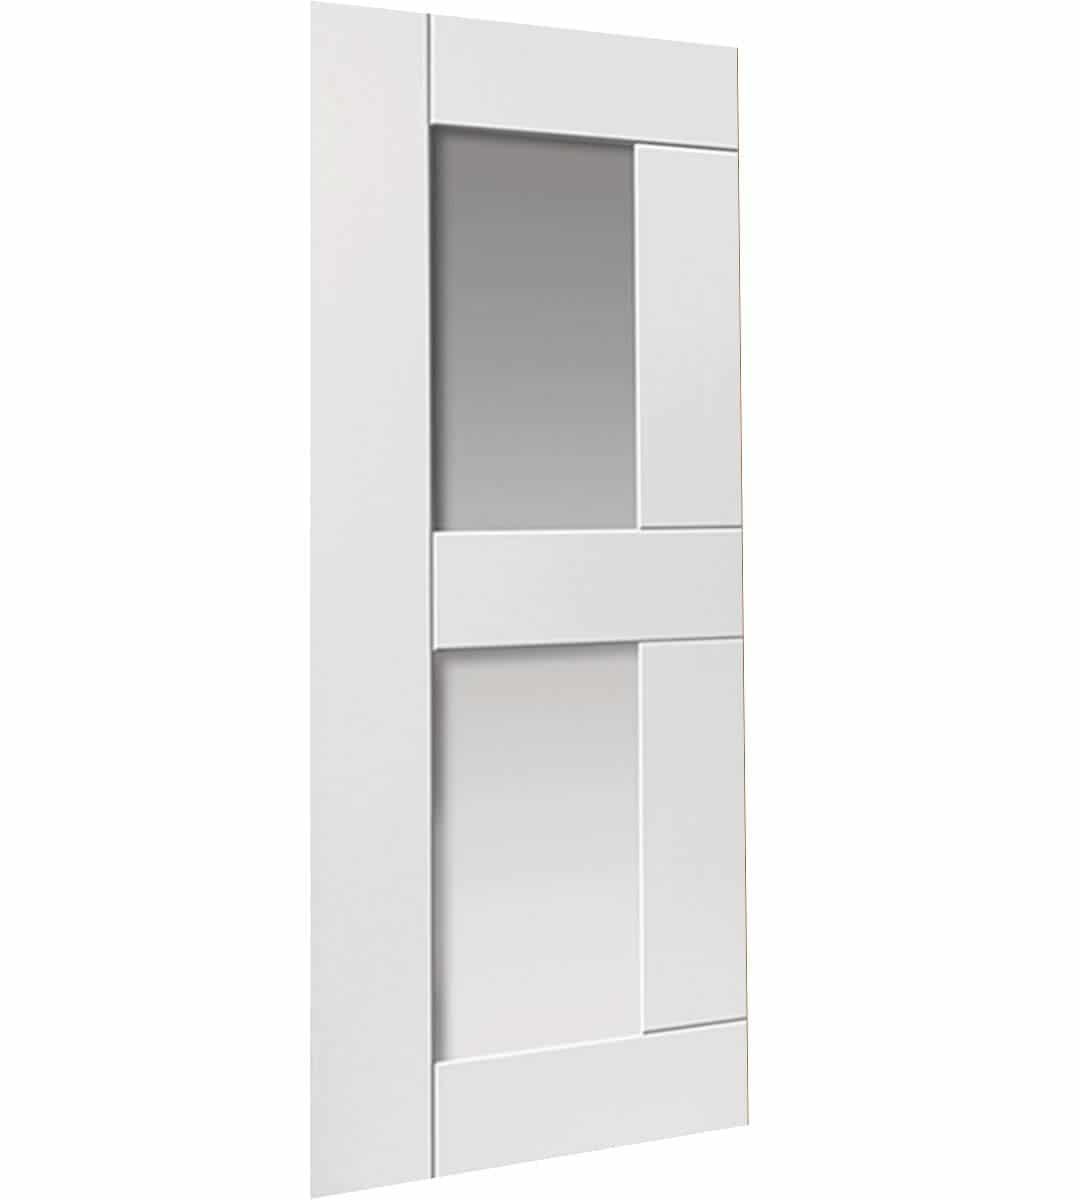 eccentro glazed white internal door